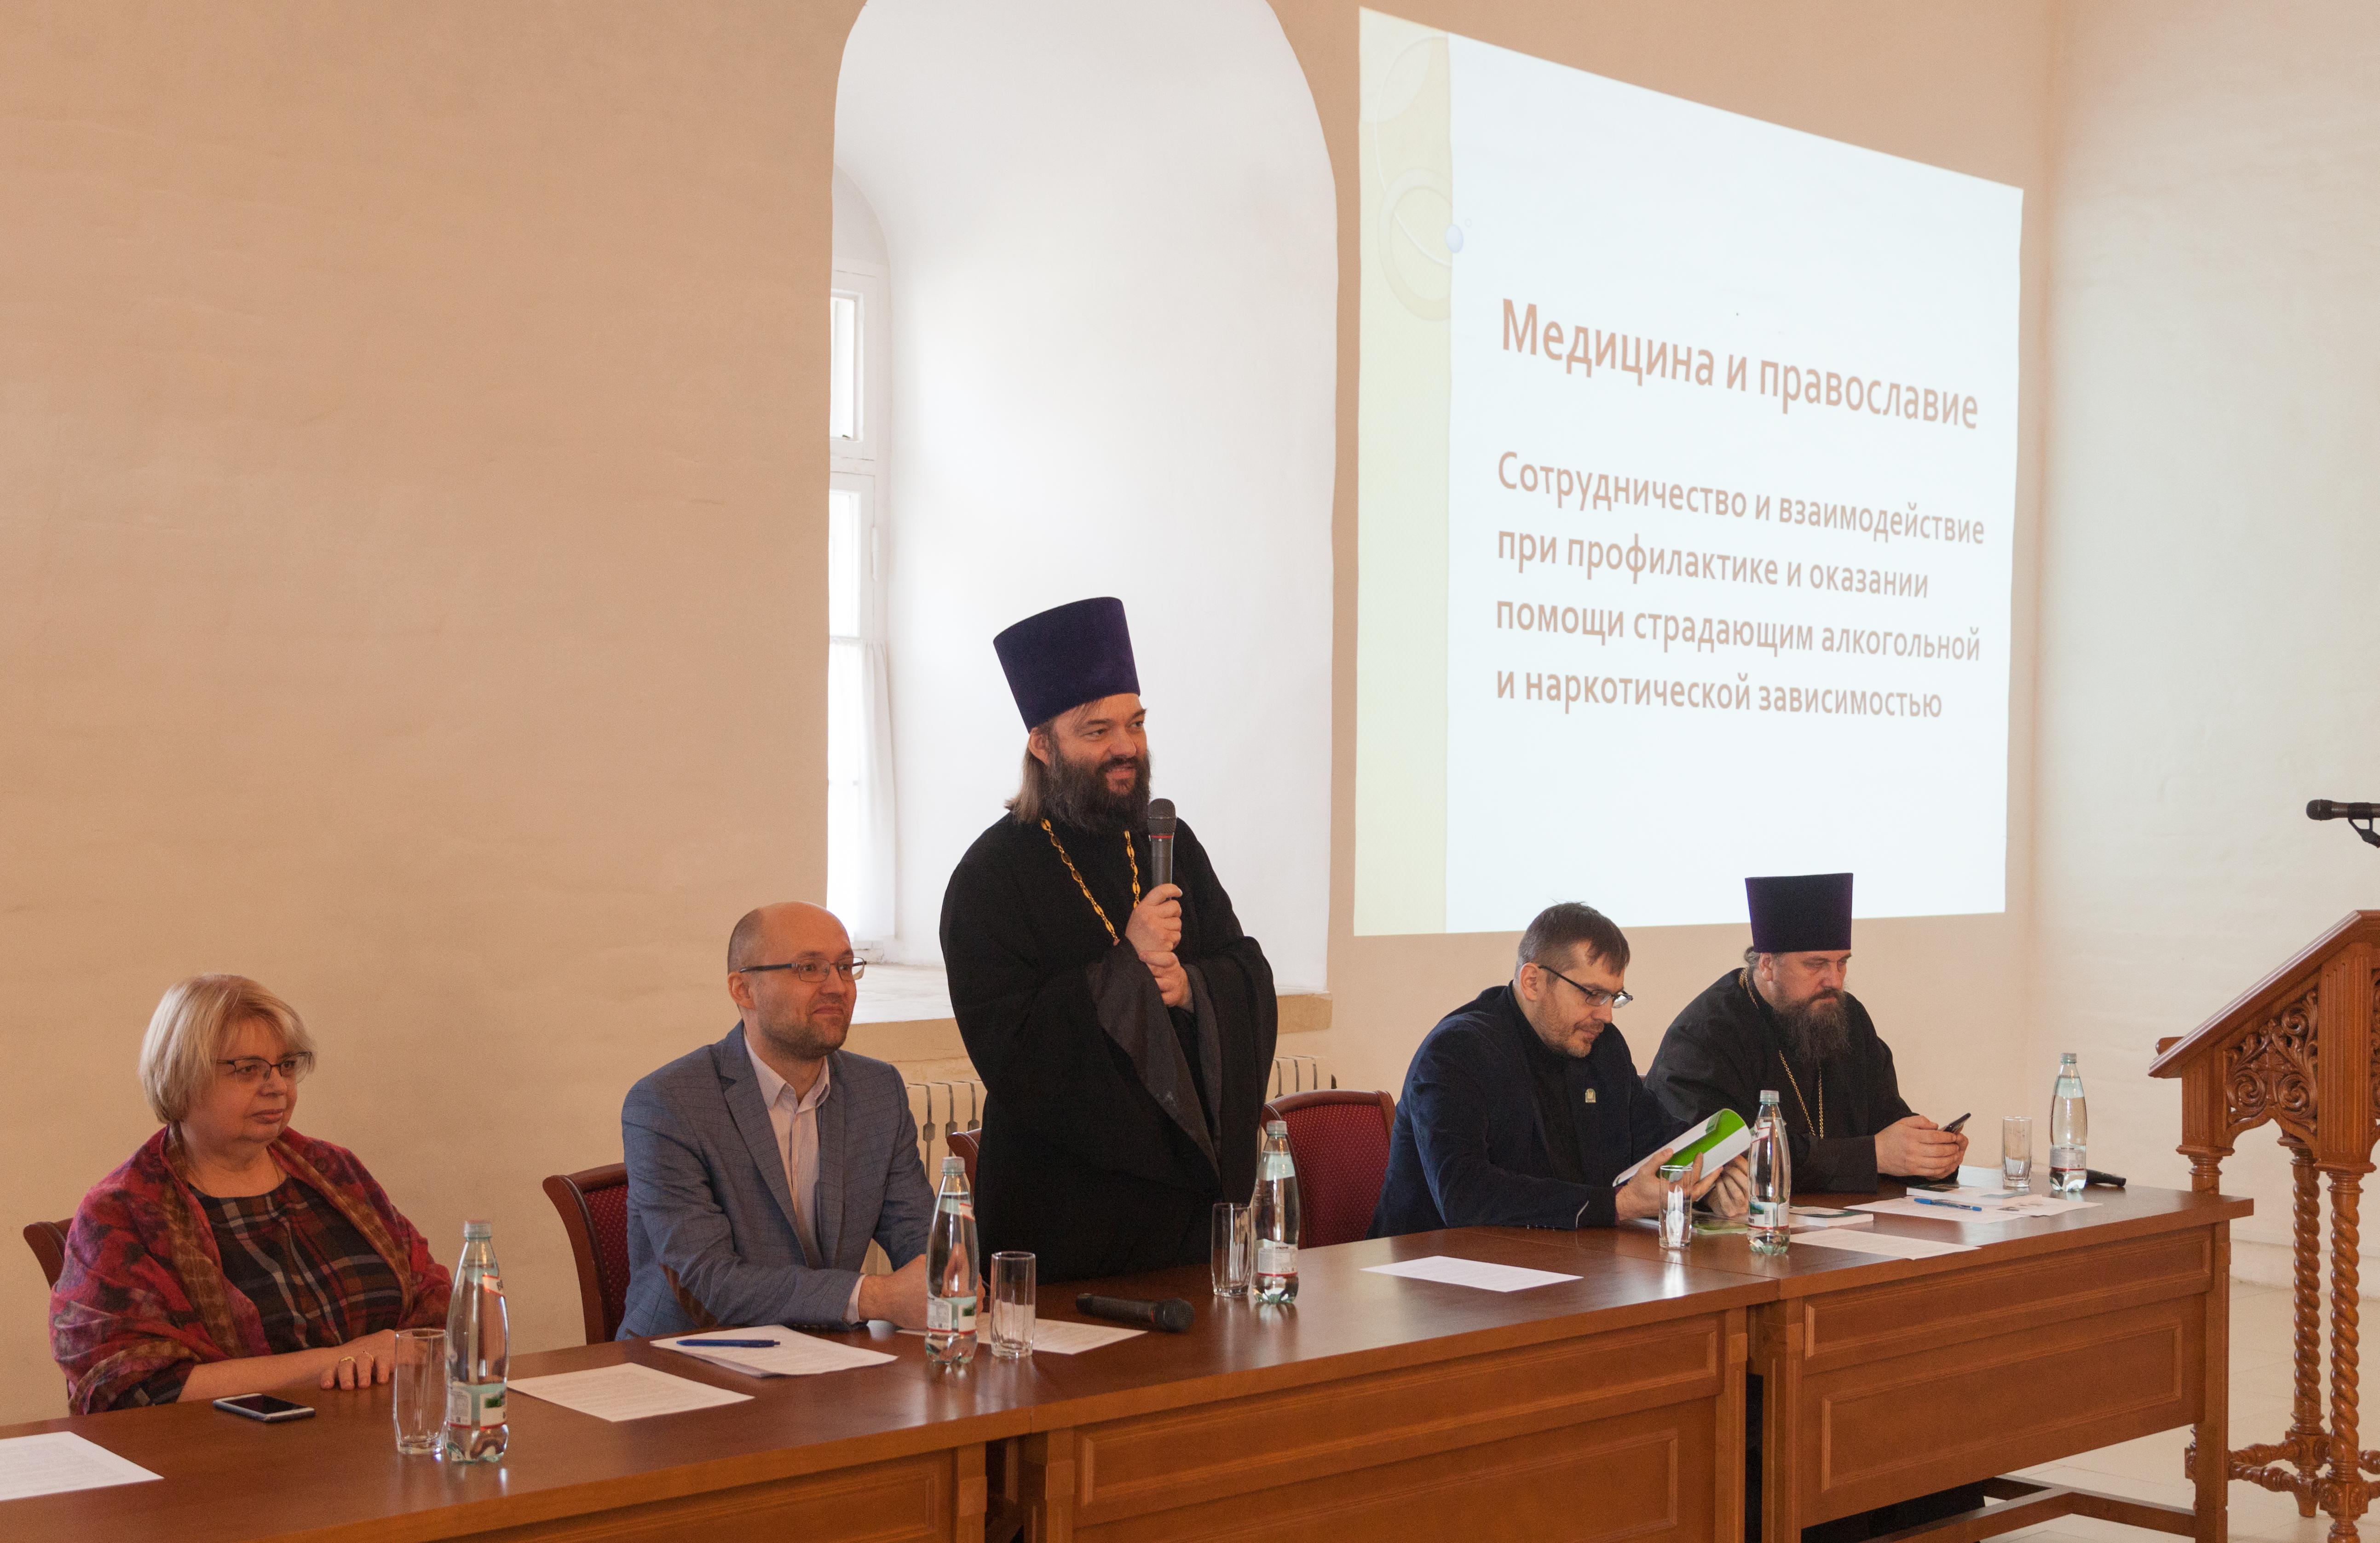 Эксперты обсудили специфику помощи зависимым в Церкви и медицине